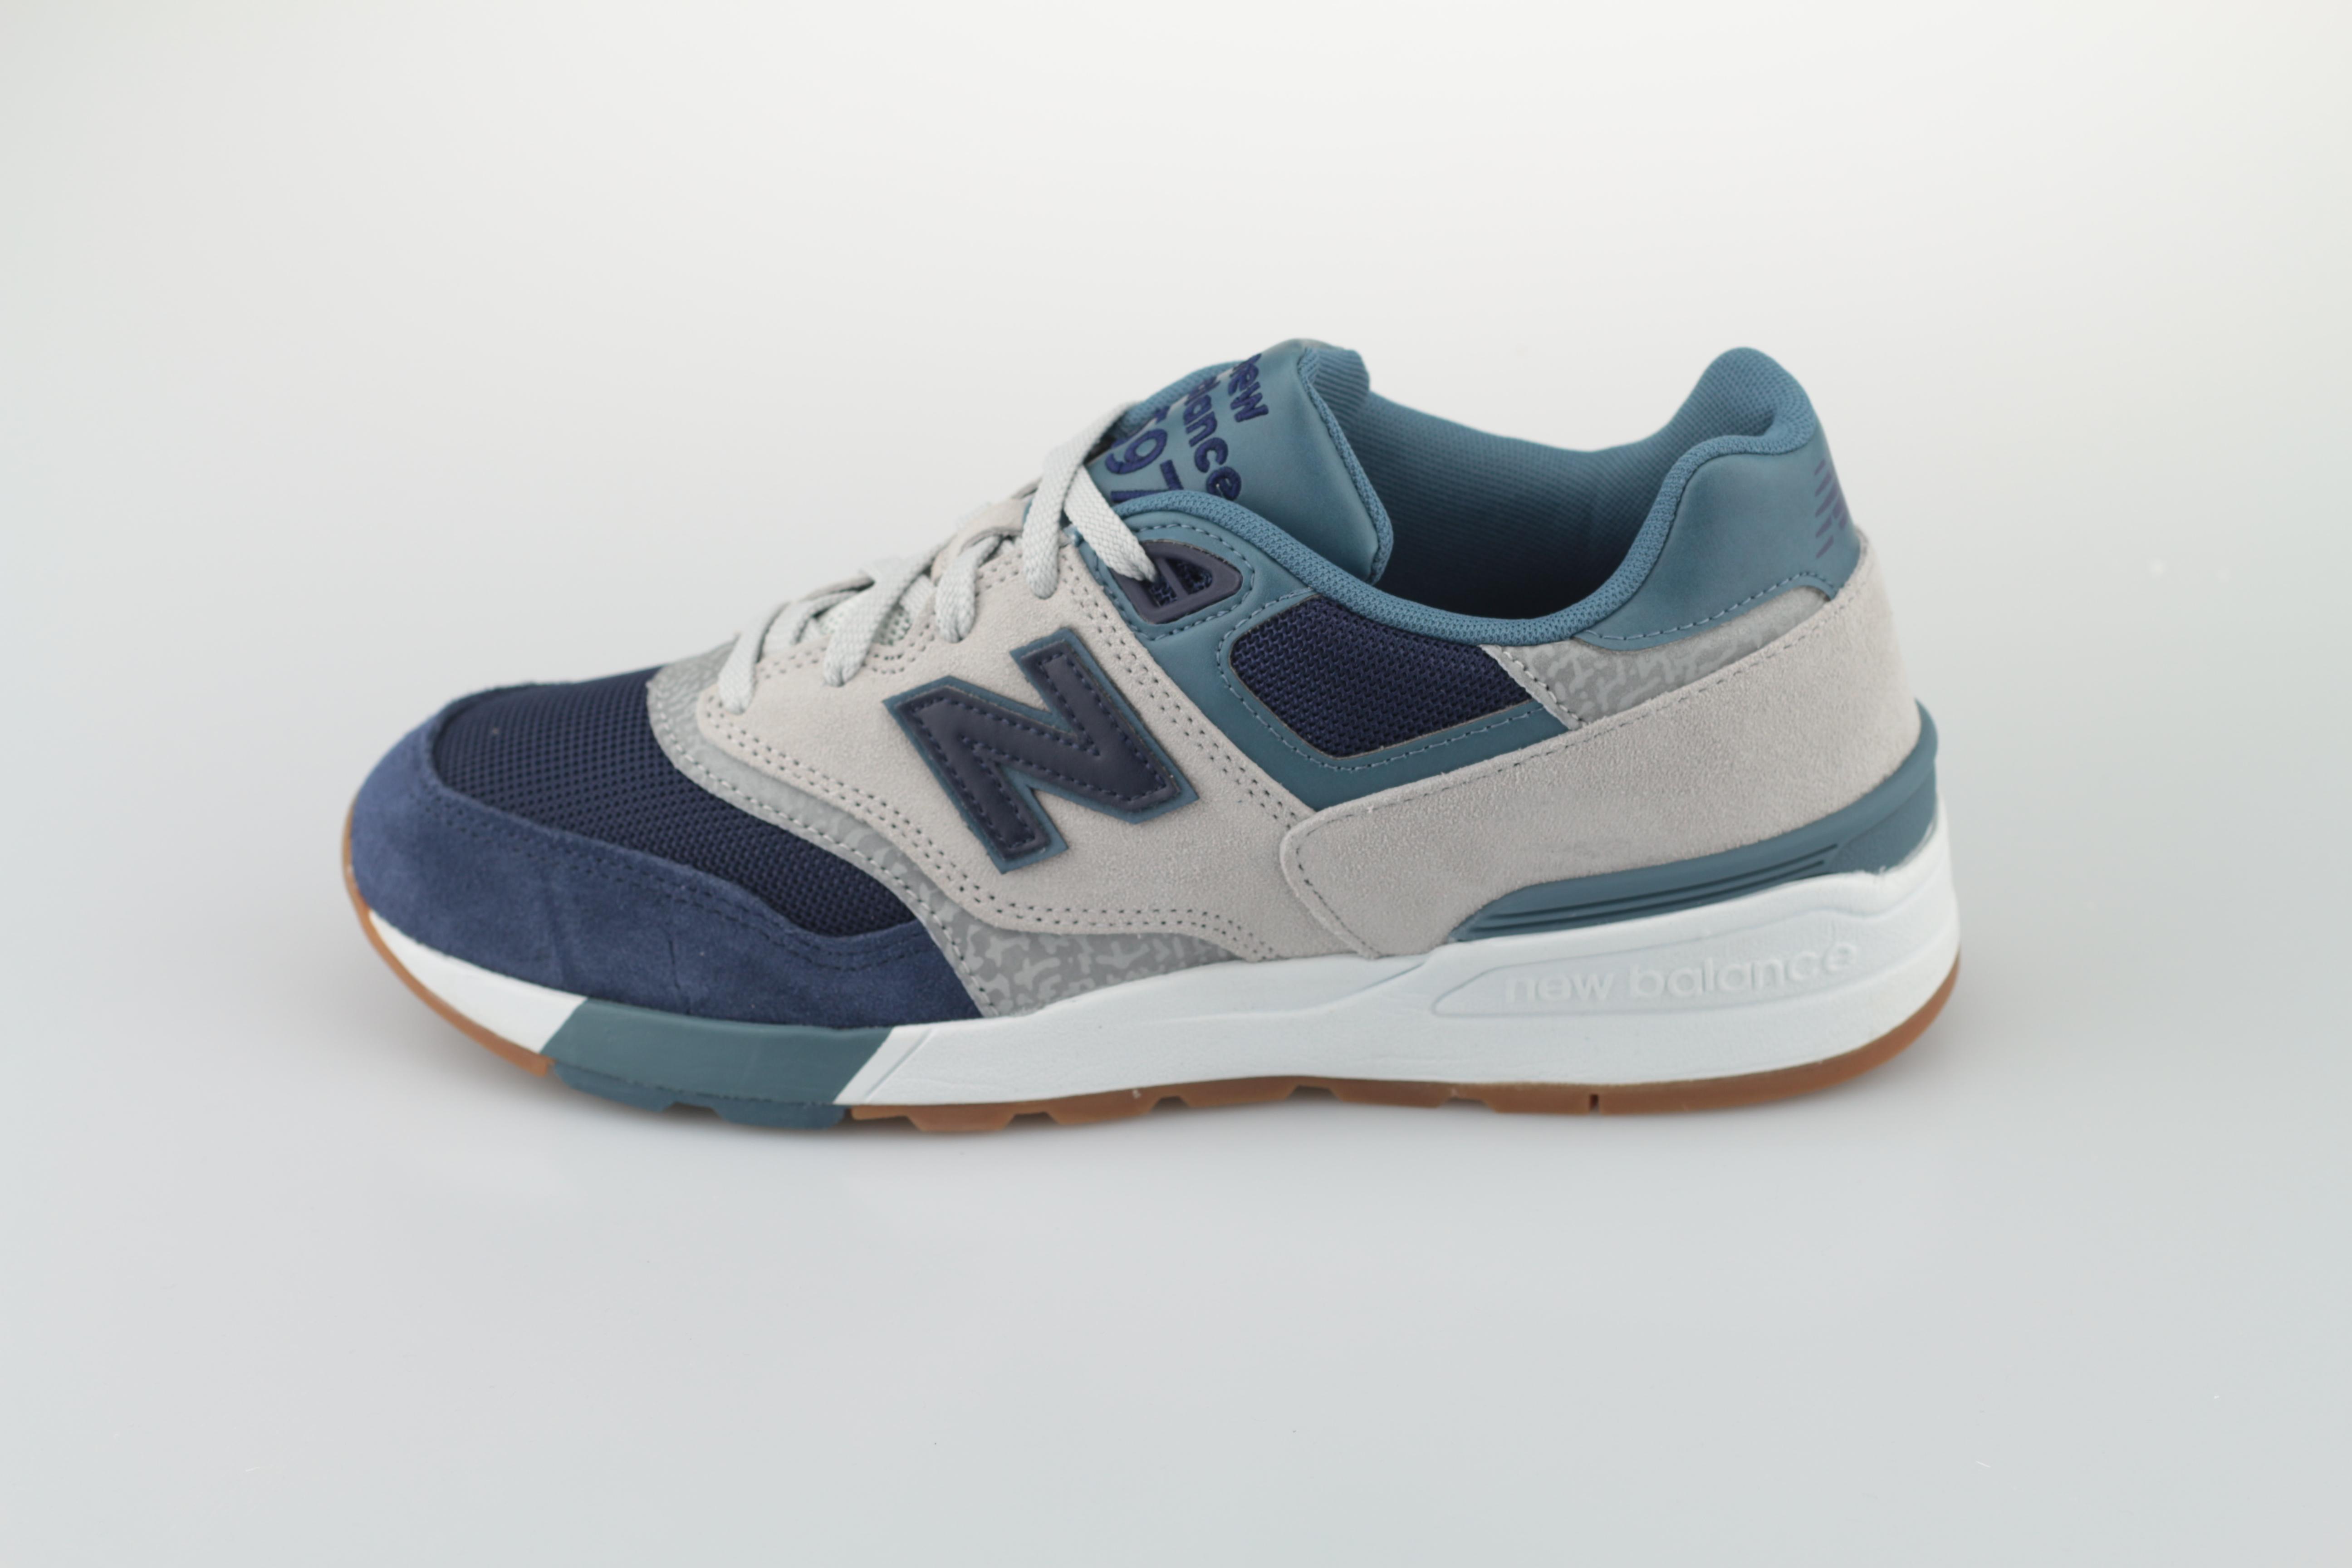 new-balance-ml-597-ngt-nimbus-cloud-657361-6010-1